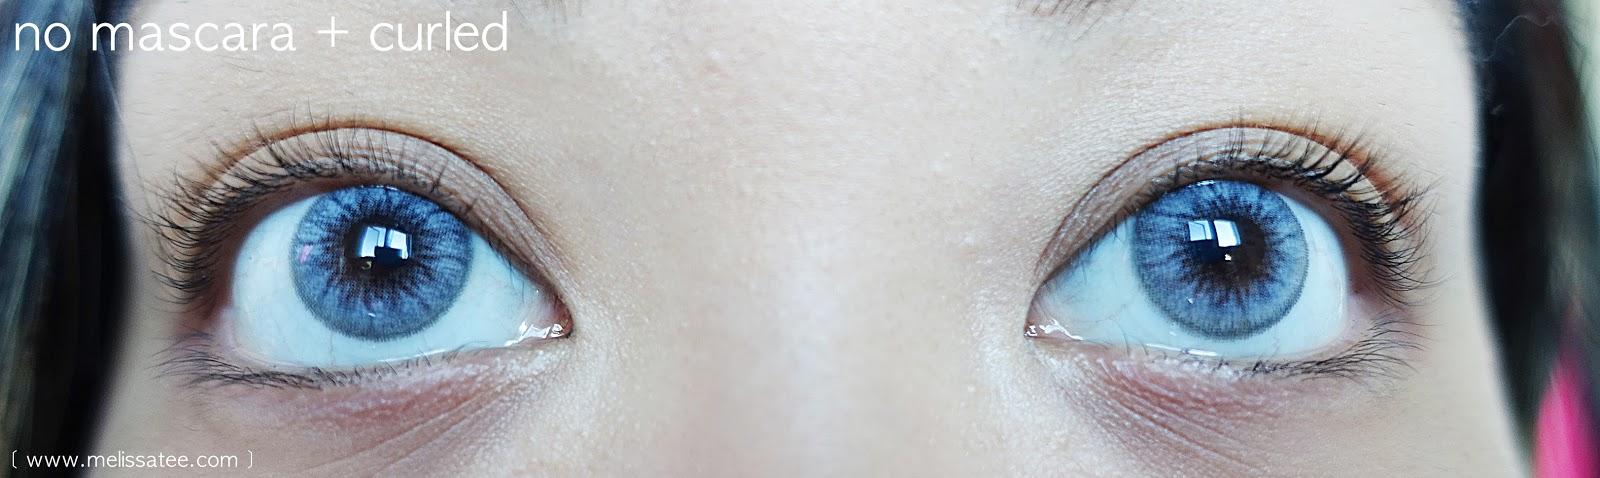 99e1f763bcd mia adora, mia adora 3d fiber lashes, mia adora 3d fiber lashes review,